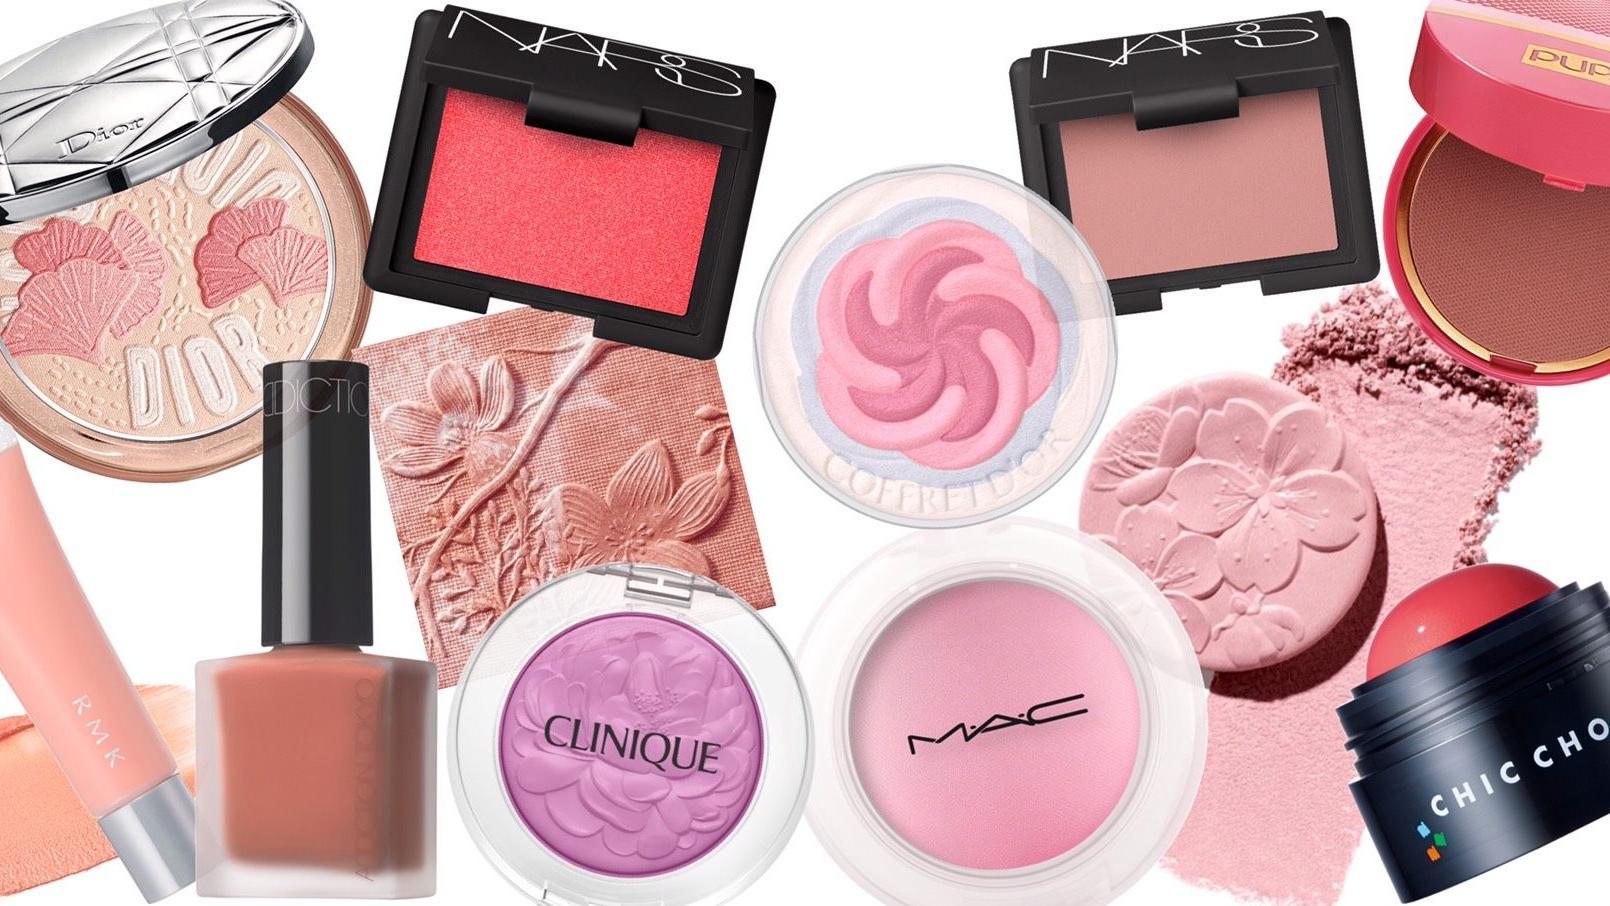 时装周彩妆趋势,粉红与亮橘是本季腮红主流!像恋爱般的超自然好气色